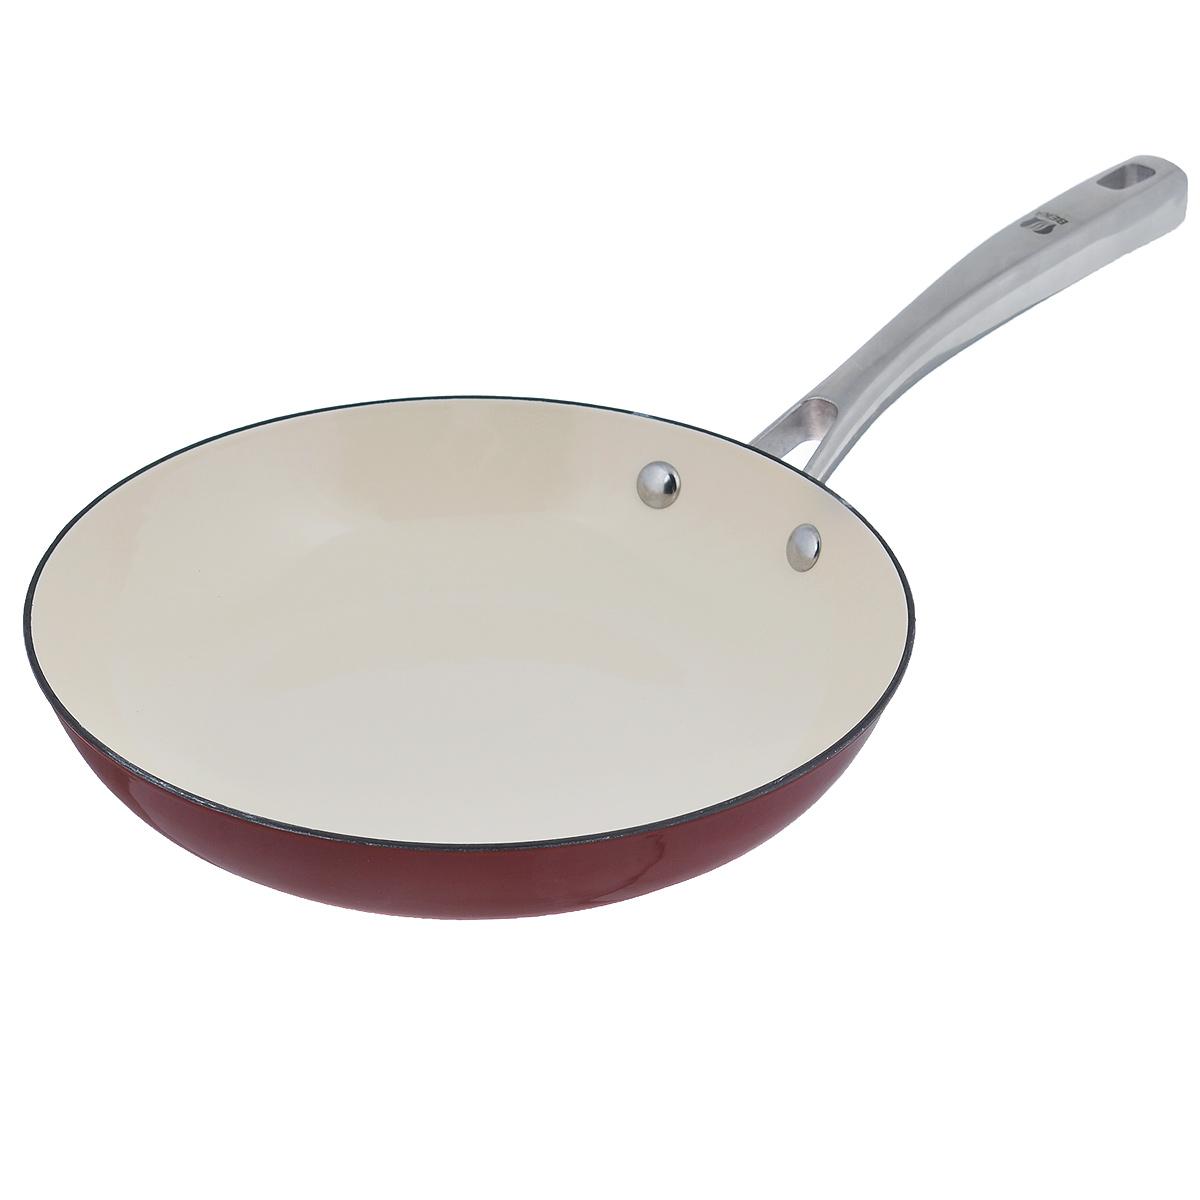 Сковорода Beka Arome, цвет: красный. Диаметр 24 см. 1630724416307244Сковорода Beka Arome изготовлена из эмалированного чугуна. Он быстро нагревается и, постепенно отдавая тепло, обеспечивает наилучшее качество приготовления любимых блюд. Жаростойкая эмаль обладает повышенной устойчивостью к микроповреждениям и надолго сохраняет свой эстетичный внешний вид. Сковорода снабжена удобной и прочной ручкой из нержавеющей стали. Подходит для приготовления пищи на всех типах плит, включая индукционные. Можно мыть в посудомоечной машине.